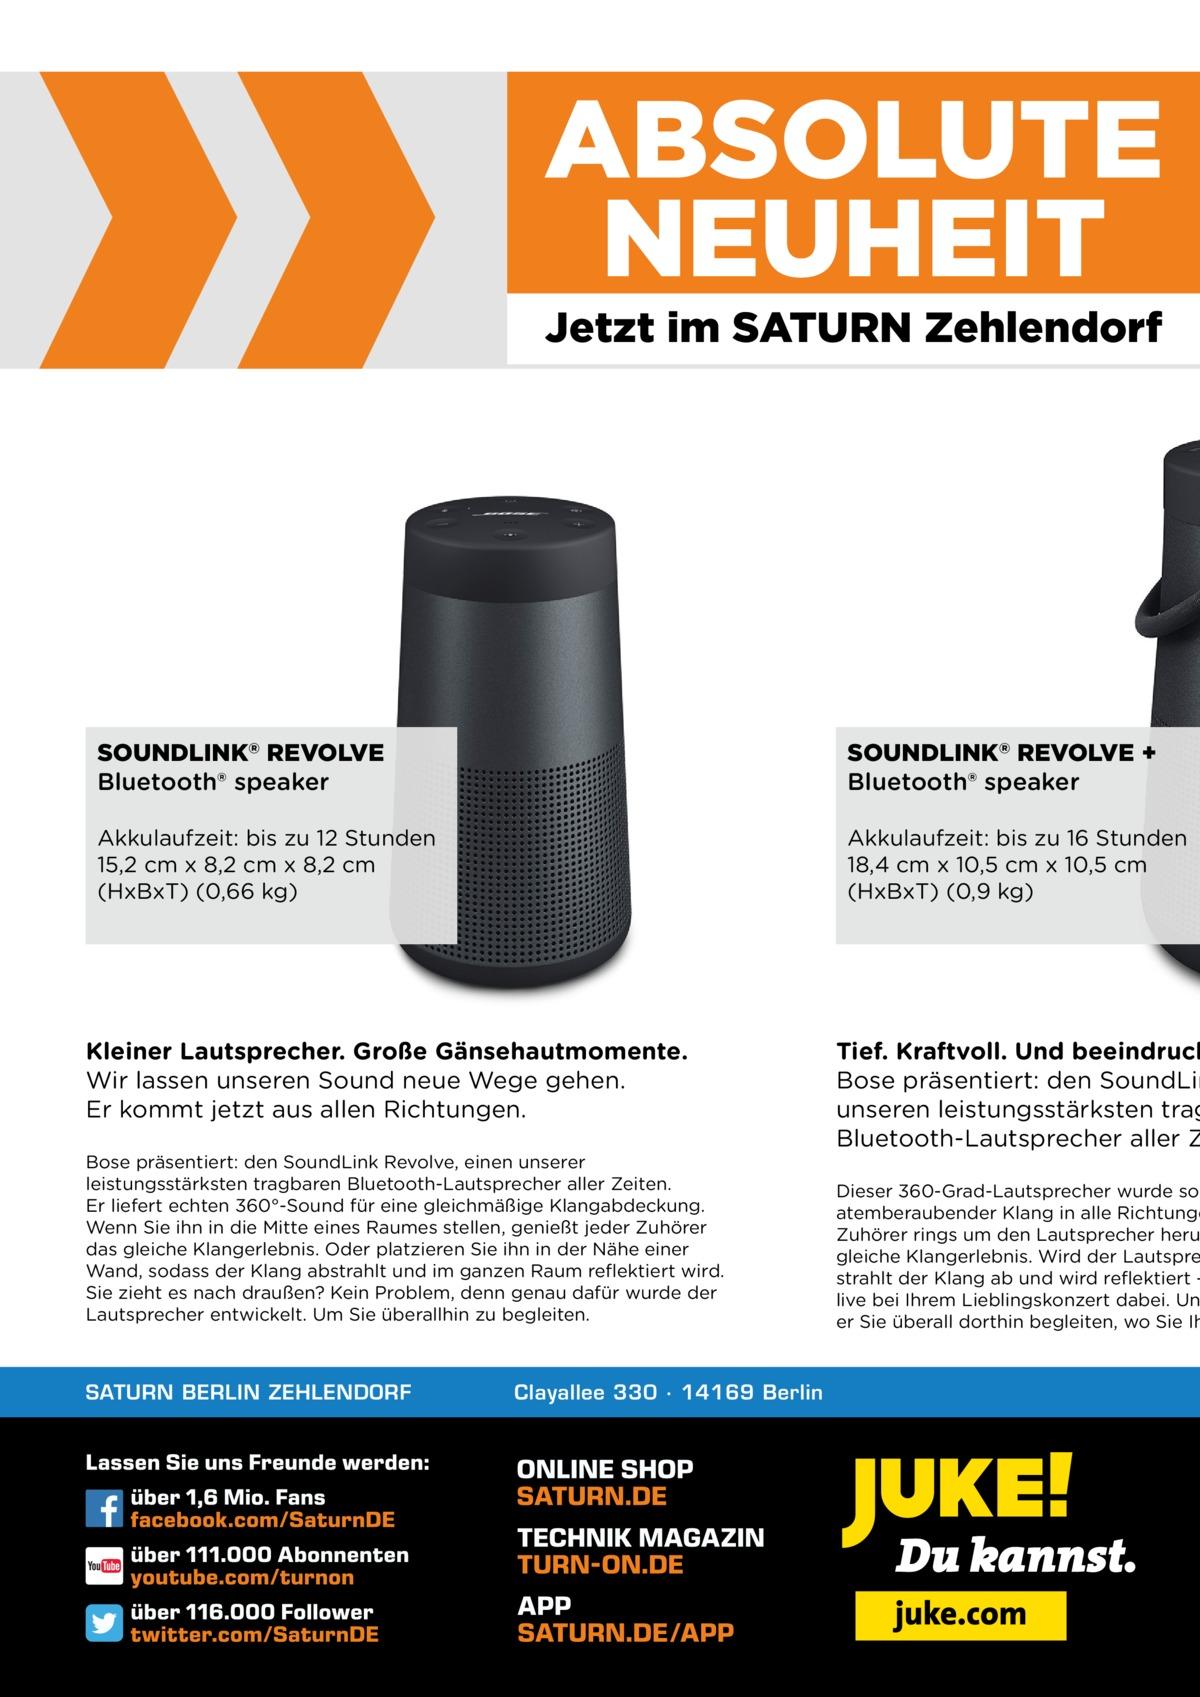 ABSOLUTE NEUHEIT Jetzt im SATURN Zehlendorf  SOUNDLINK® REVOLVE Bluetooth® speaker  SOUNDLINK® REVOLVE + Bluetooth® speaker  Akkulaufzeit: bis zu 12 Stunden 15,2 cm x 8,2 cm x 8,2 cm (HxBxT) (0,66 kg)  Akkulaufzeit: bis zu 16 Stunden 18,4 cm x 10,5 cm x 10,5 cm (HxBxT) (0,9 kg)  Kleiner Lautsprecher. Große Gänsehautmomente. Wir lassen unseren Sound neue Wege gehen. Er kommt jetzt aus allen Richtungen. Bose präsentiert: den SoundLink Revolve, einen unserer leistungsstärksten tragbaren Bluetooth-Lautsprecher aller Zeiten. Er liefert echten 360°-Sound für eine gleichmäßige Klangabdeckung. Wenn Sie ihn in die Mitte eines Raumes stellen, genießt jeder Zuhörer das gleiche Klangerlebnis. Oder platzieren Sie ihn in der Nähe einer Wand, sodass der Klang abstrahlt und im ganzen Raum reflektiert wird. Sie zieht es nach draußen? Kein Problem, denn genau dafür wurde der Lautsprecher entwickelt. Um Sie überallhin zu begleiten.  SATURN BERLIN ZEHLENDORF  Clayallee 330 ∙ 14169Berlin  Tief. Kraftvoll. Und beeindruck Bose präsentiert: den SoundLin unseren leistungsstärksten trag Bluetooth-Lautsprecher aller Z  Dieser 360-Grad-Lautsprecher wurde so atemberaubender Klang in alle Richtunge Zuhörer rings um den Lautsprecher heru gleiche Klangerlebnis. Wird der Lautspre strahlt der Klang ab und wird reflektiert – live bei Ihrem Lieblingskonzert dabei. Un er Sie überall dorthin begleiten, wo Sie Ih